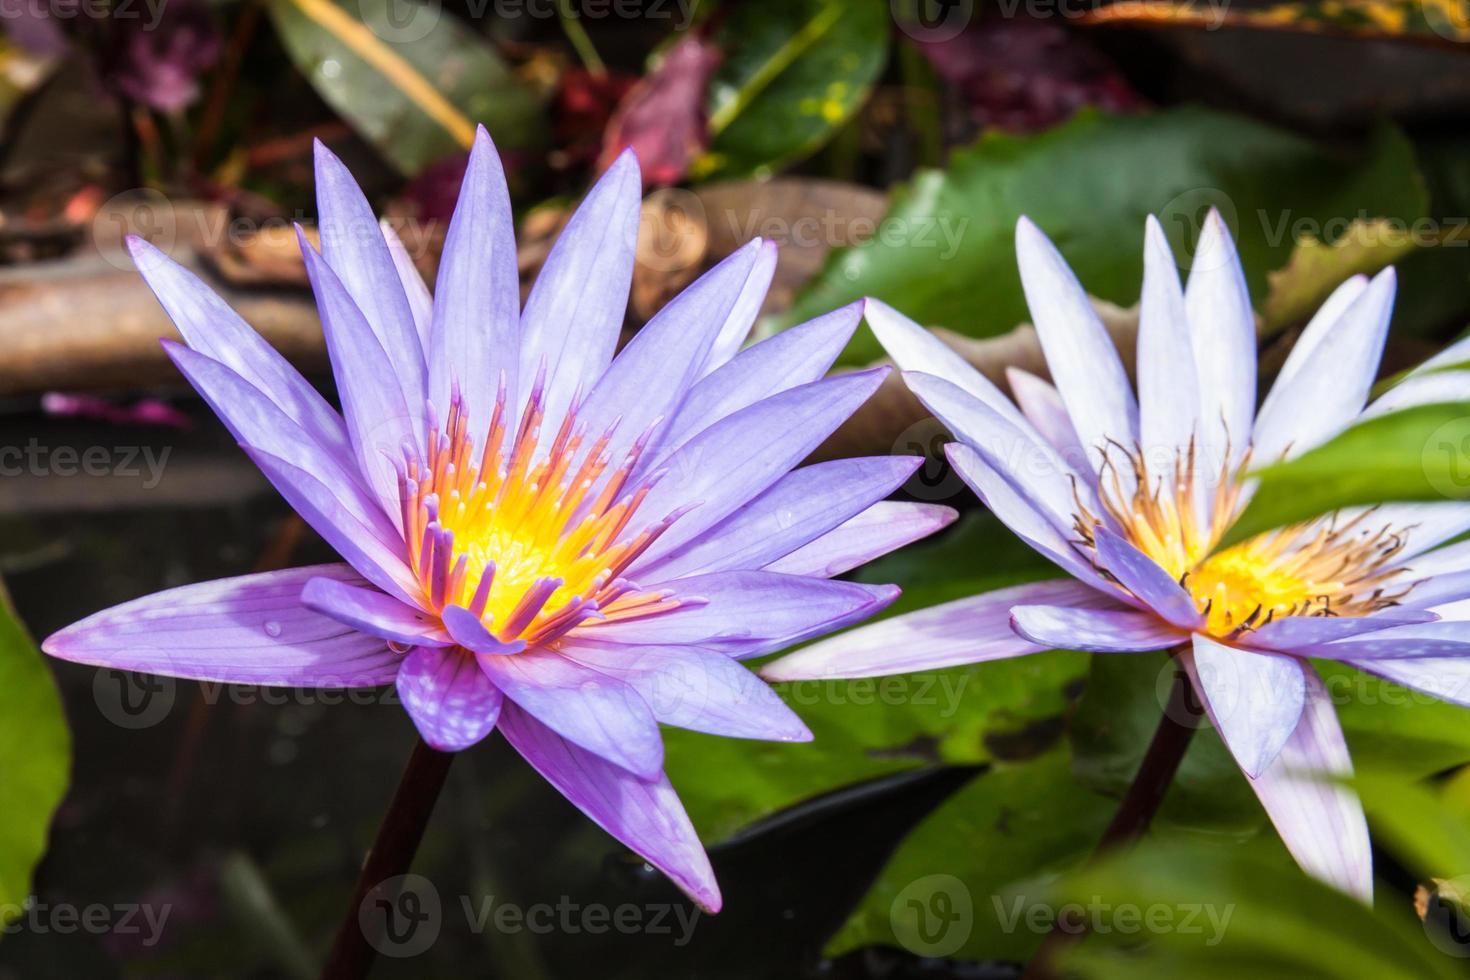 lotusblommor eller näckrosblommor foto